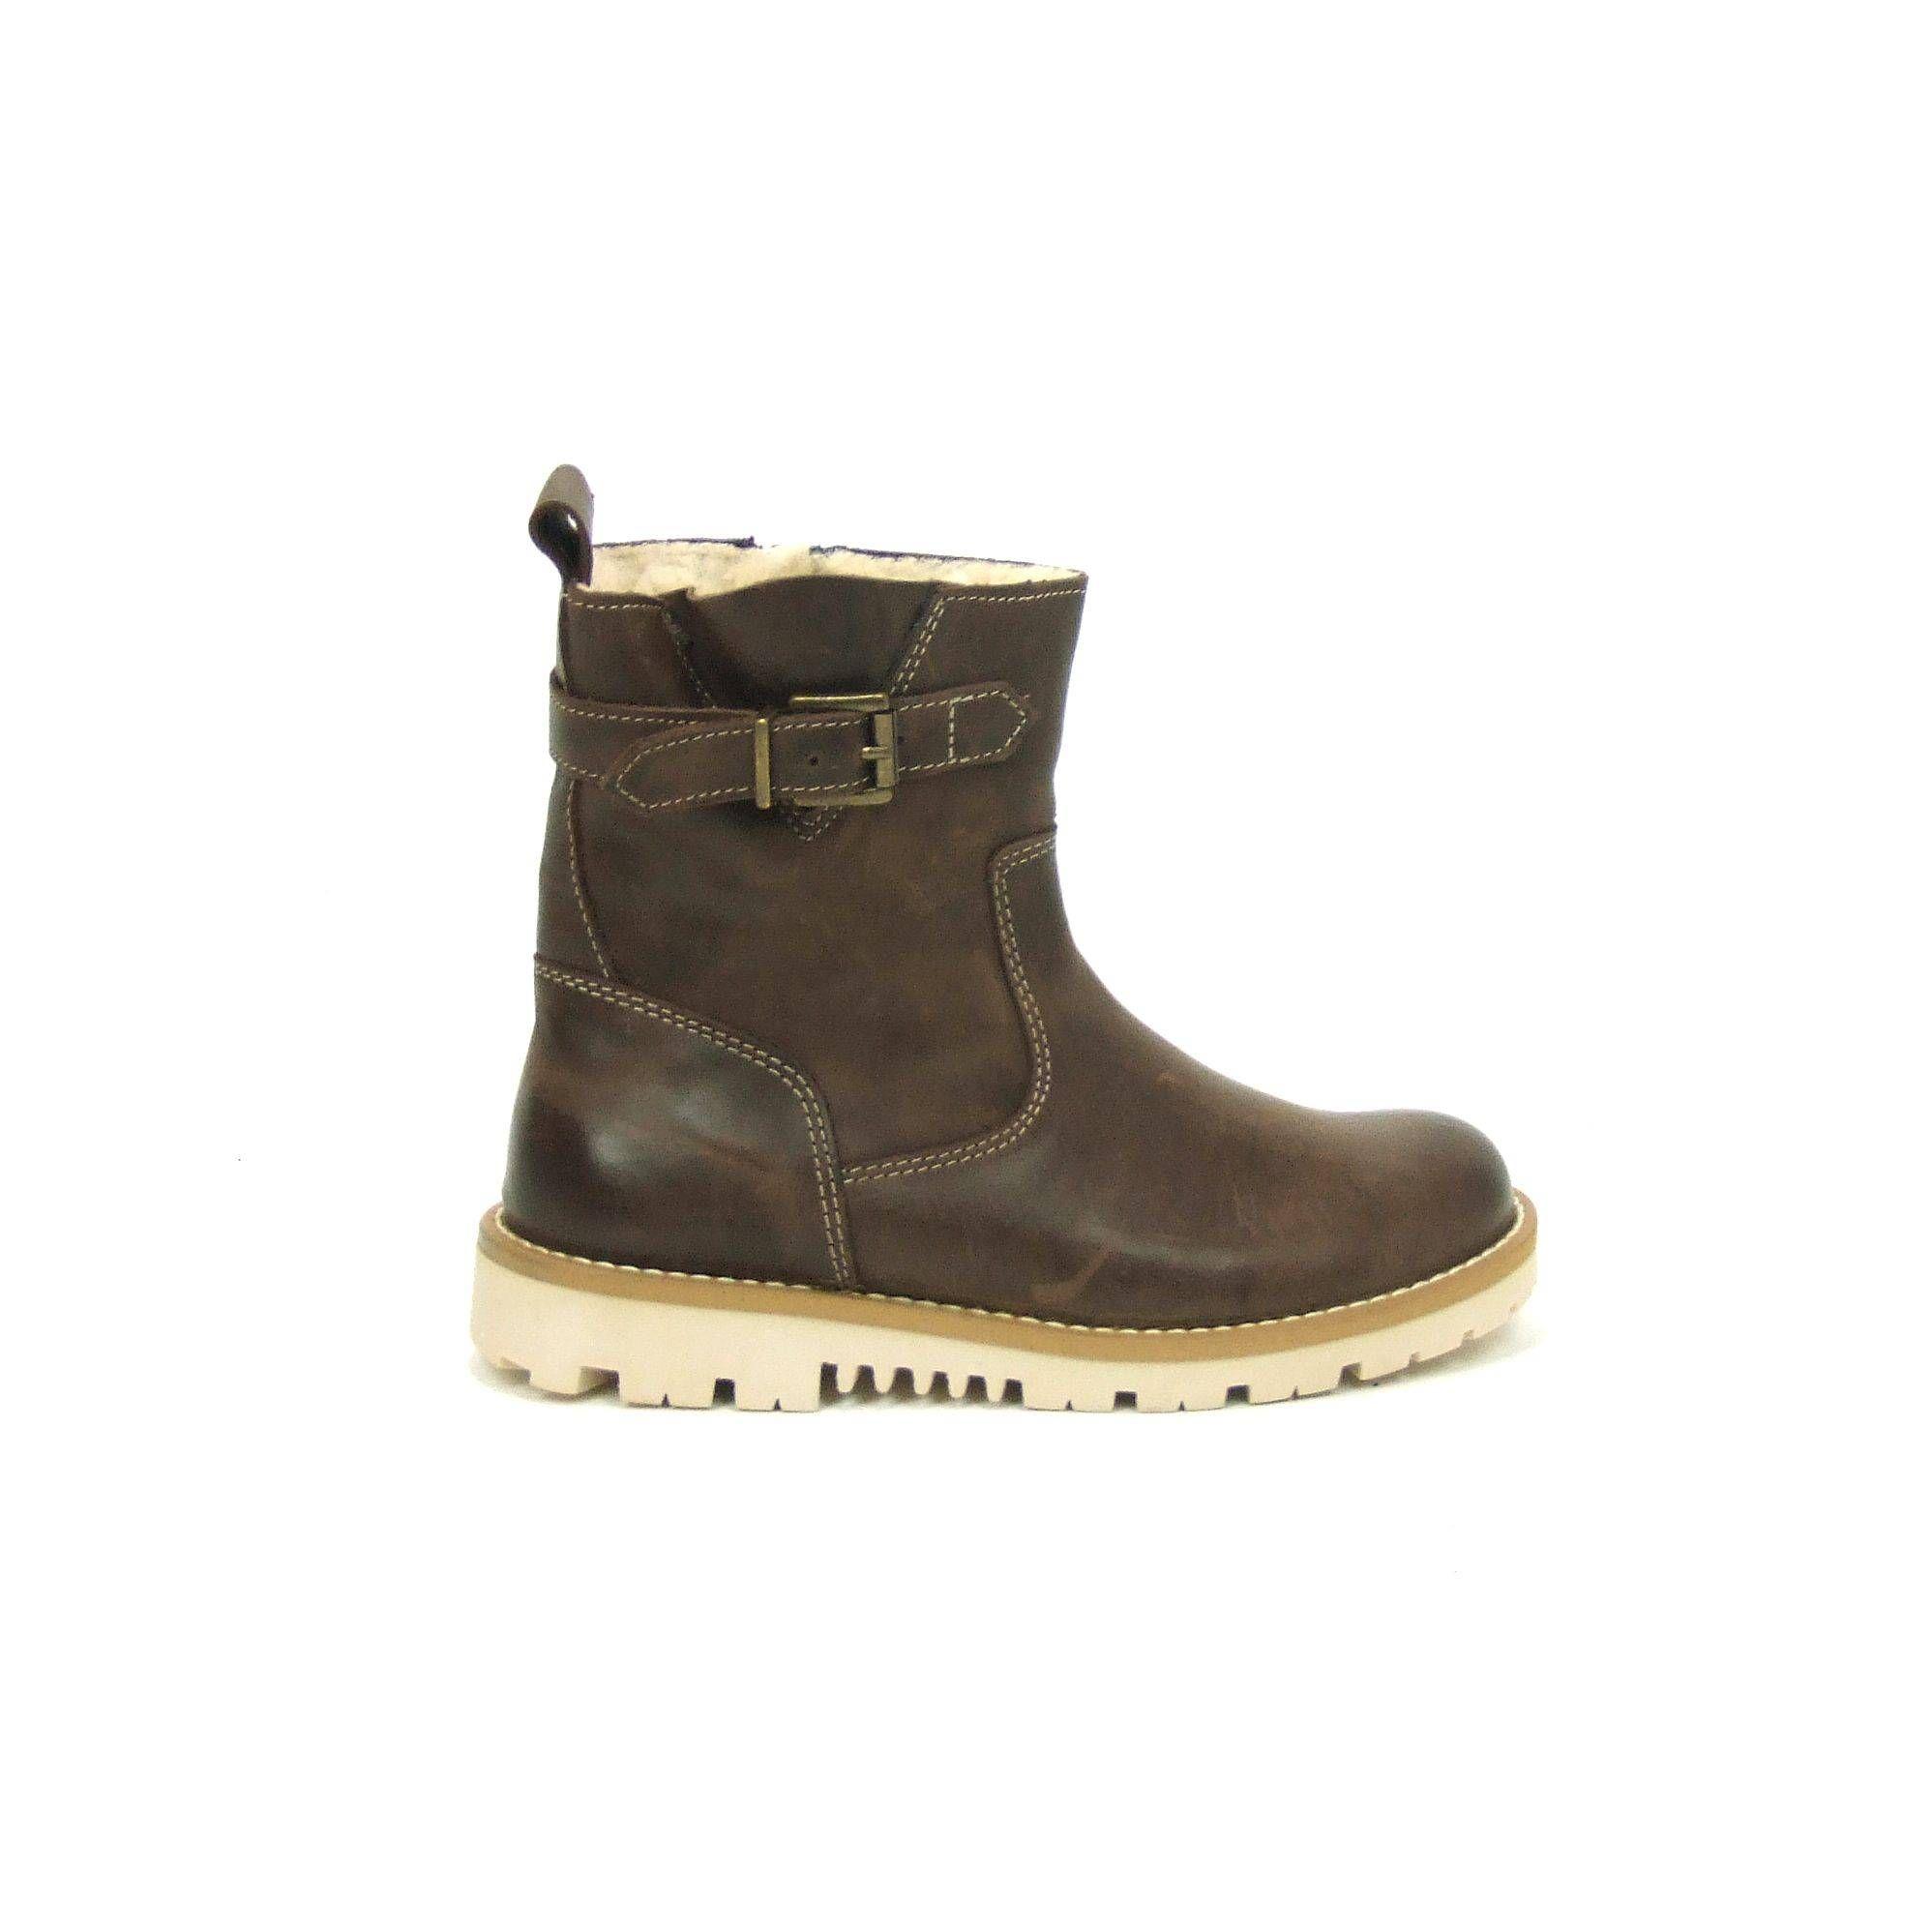 7bd394f8a0e Stoere jongens boots van Pinocchio, model P2254! Uitgevoerd in donkerbruin  glad leder met opvallende